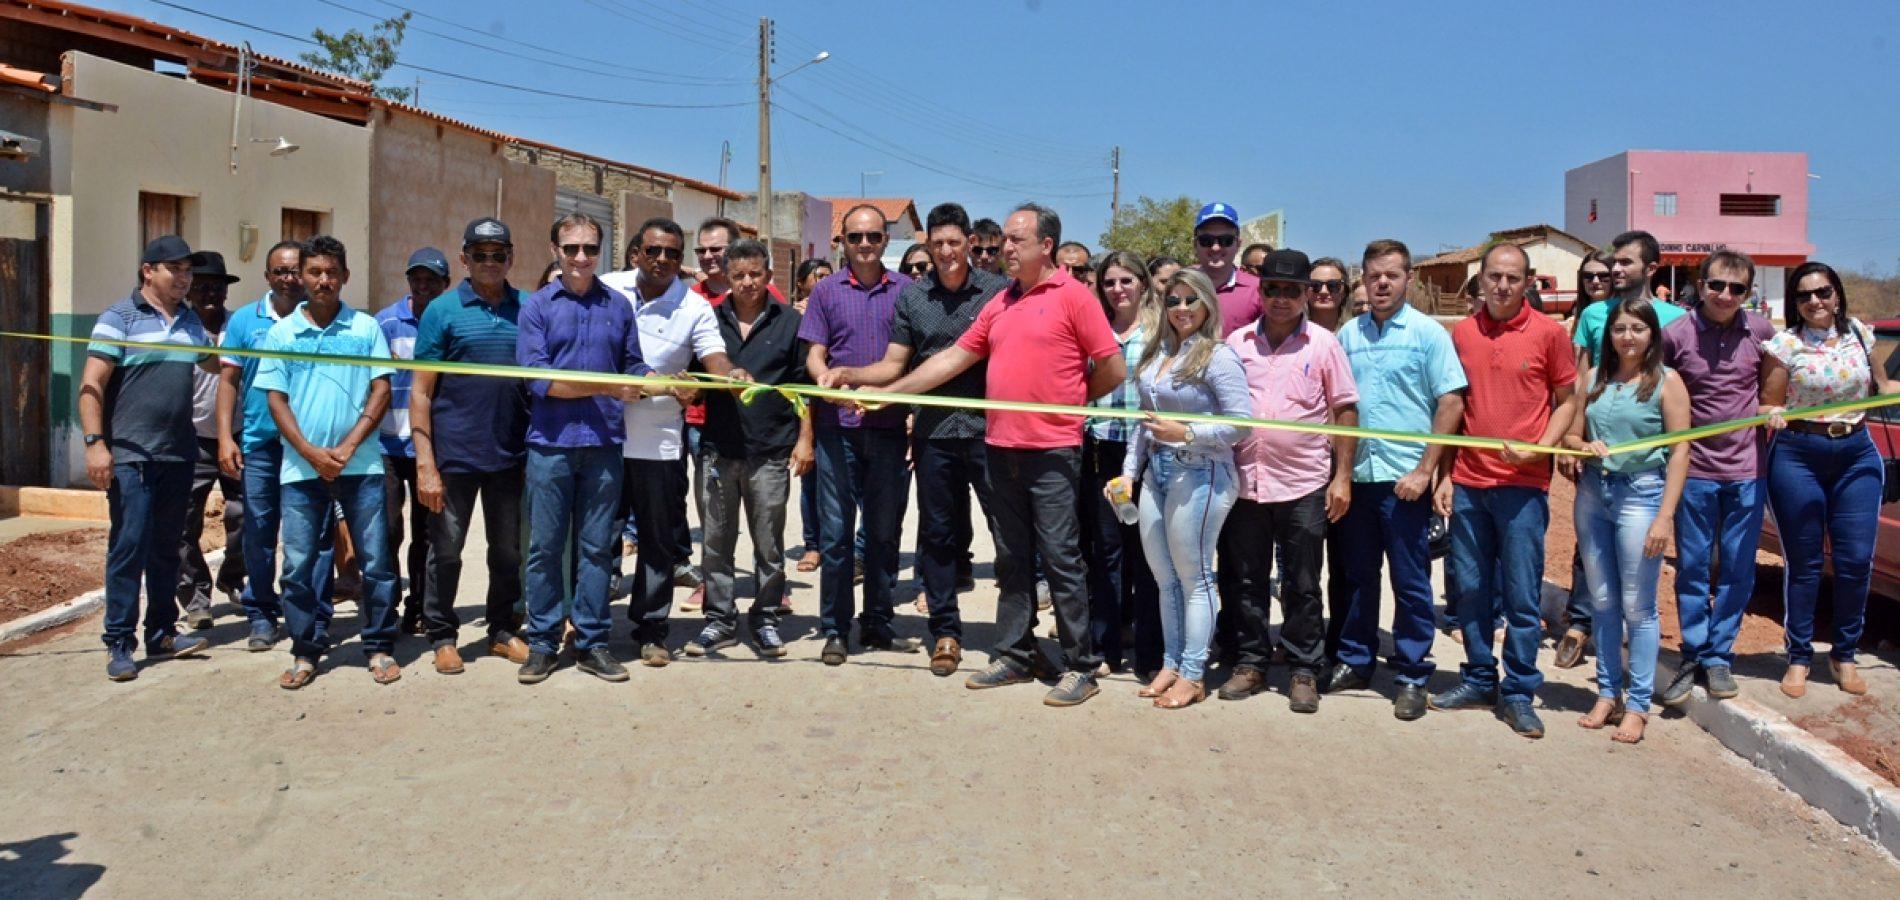 MASSAPÊ | Prefeito Chico Carvalho inaugura calçamento, poços tubulares e entrega ambulância em povoado